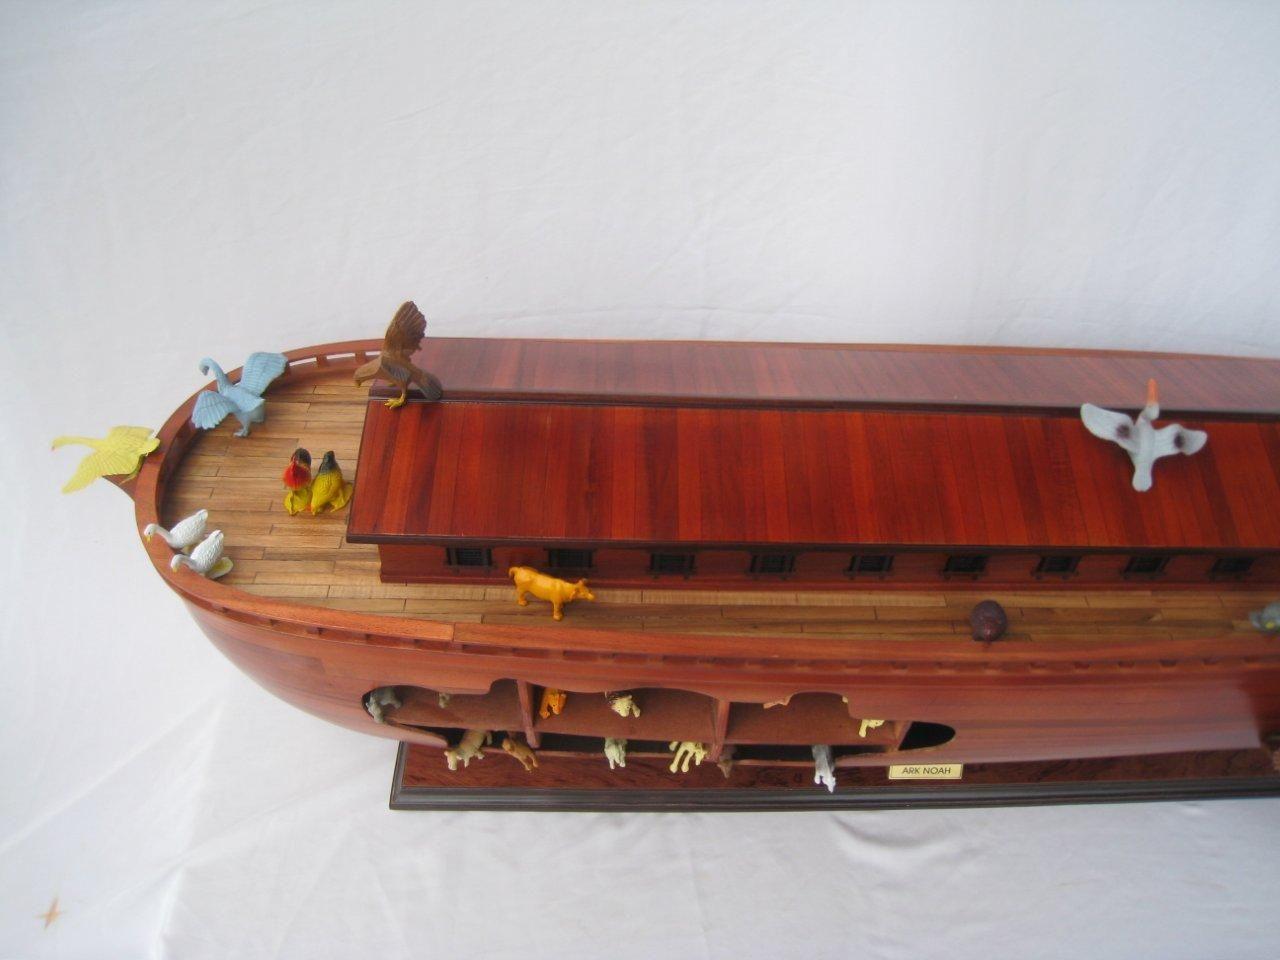 2043-12569-Noahs-Ark-Model-Boat